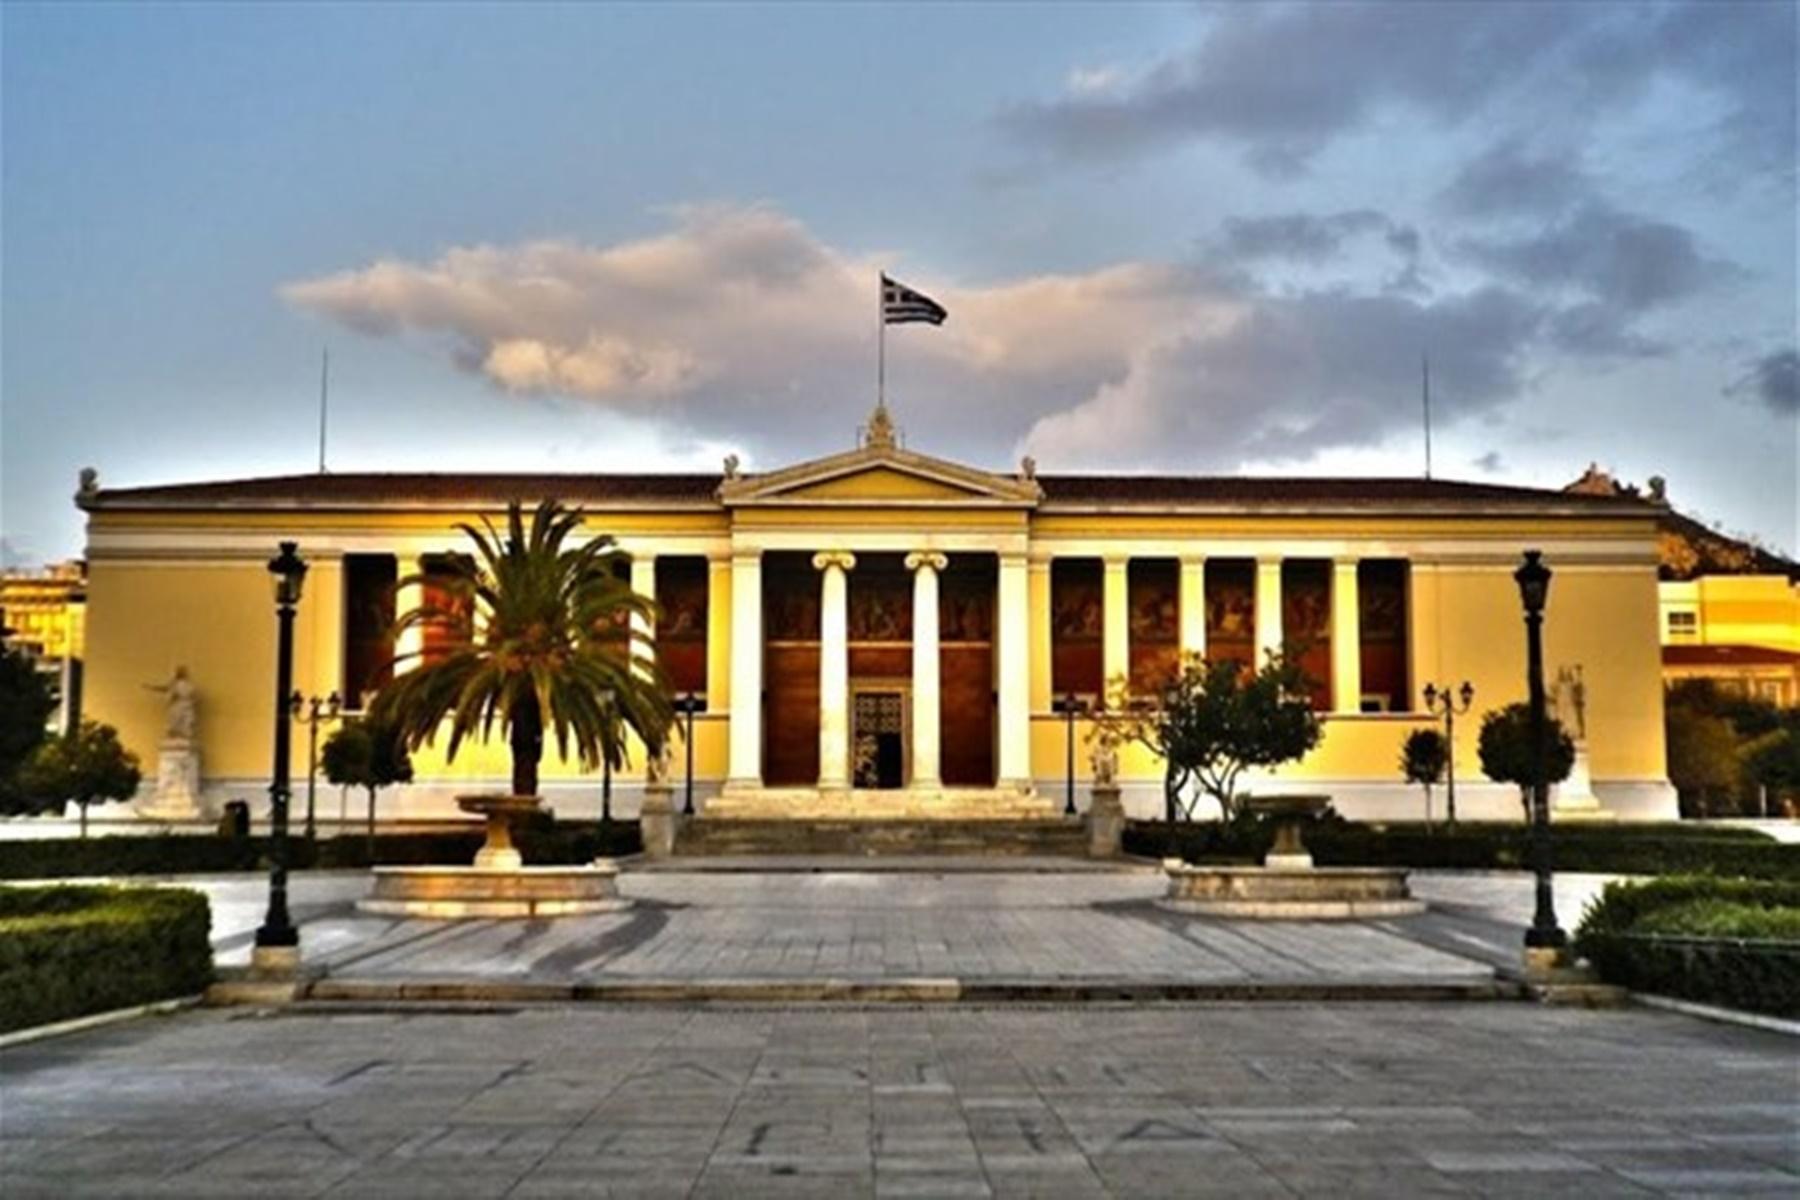 ΕΚΠΑ : Καταλαμβάνει την 224η θέση ανάμεσα στα καλύτερα 12.000 πανεπιστήμια